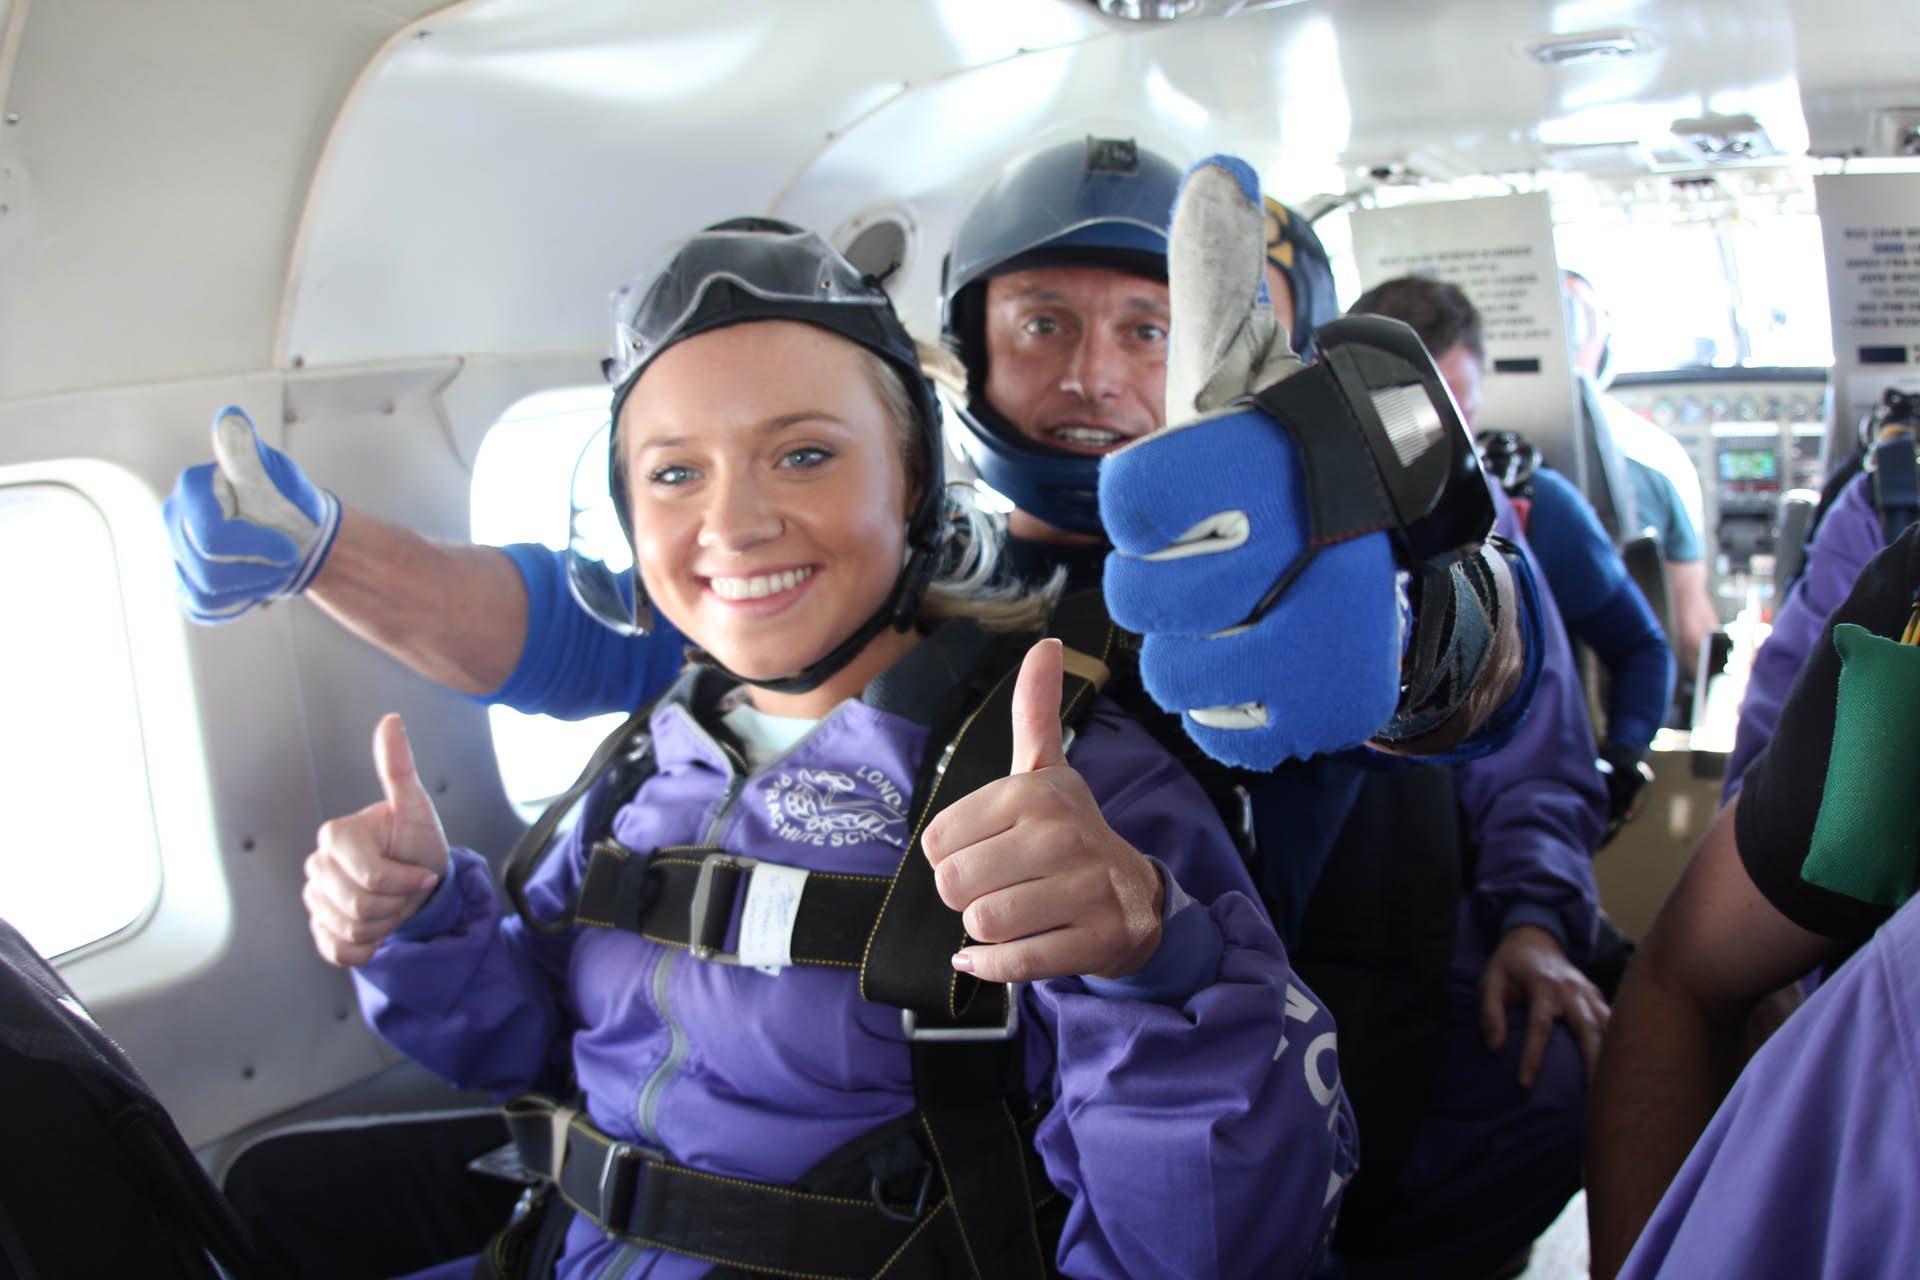 Skydive Centre